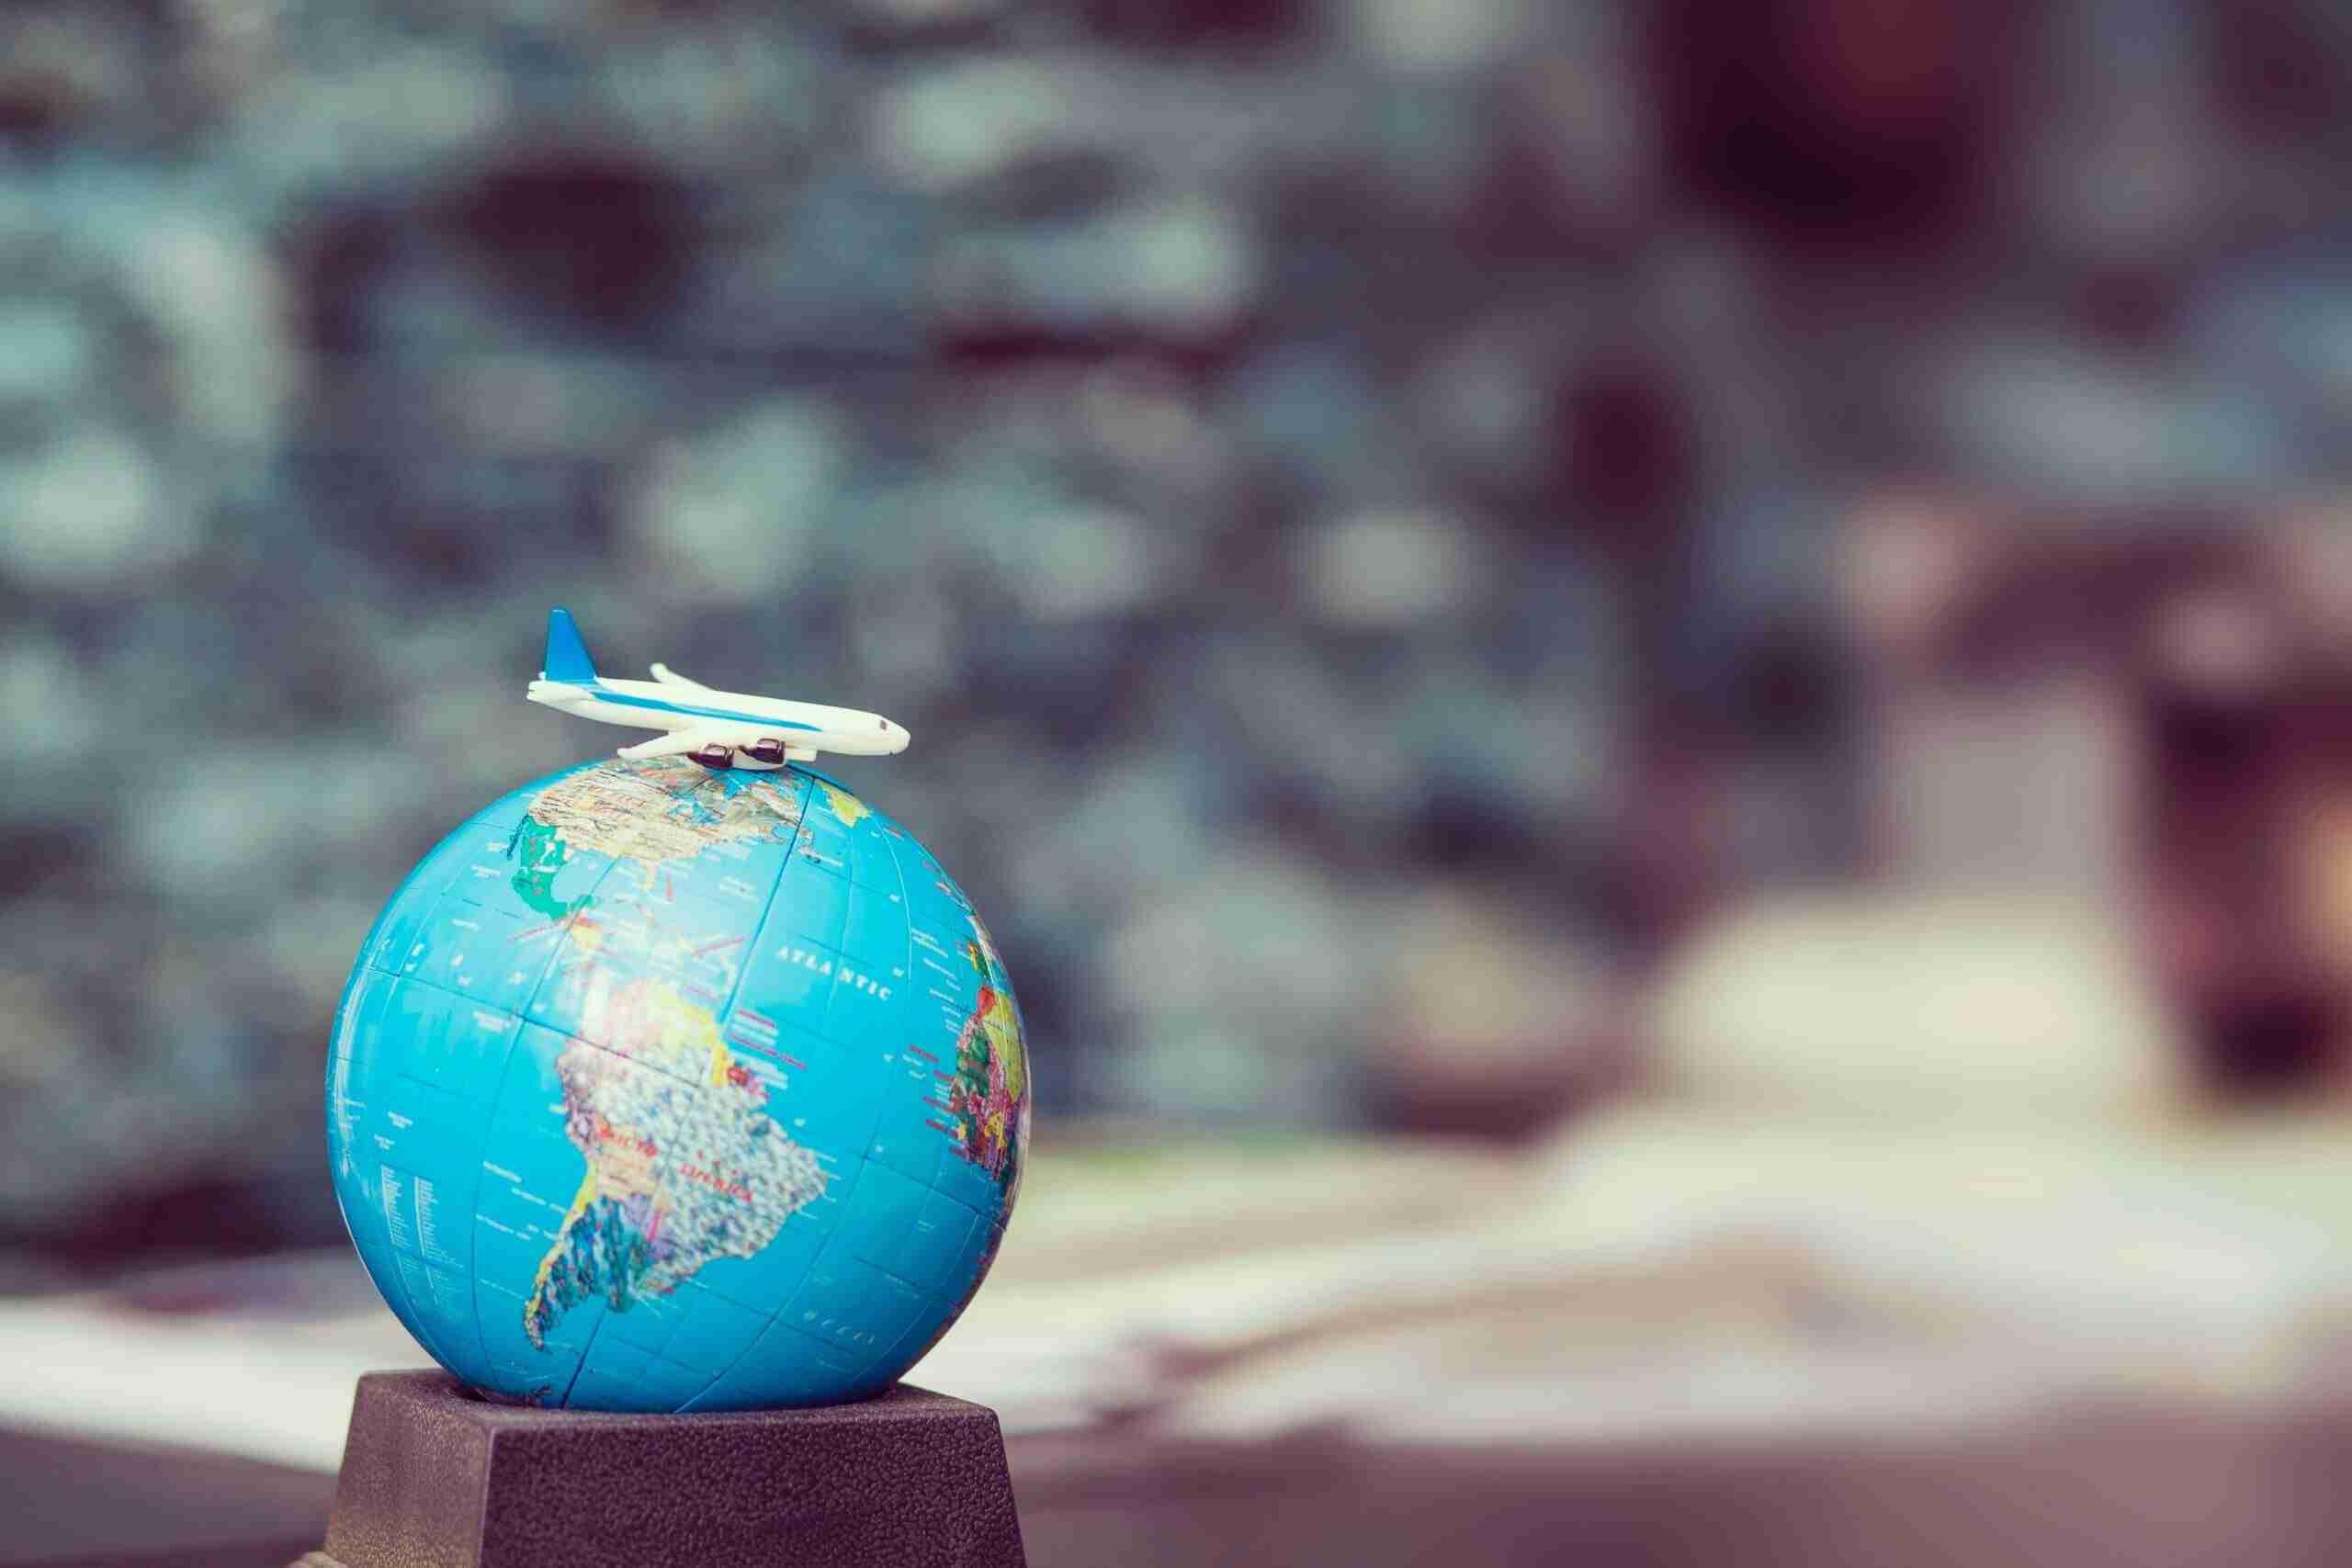 How To Obtain a Job Overseas